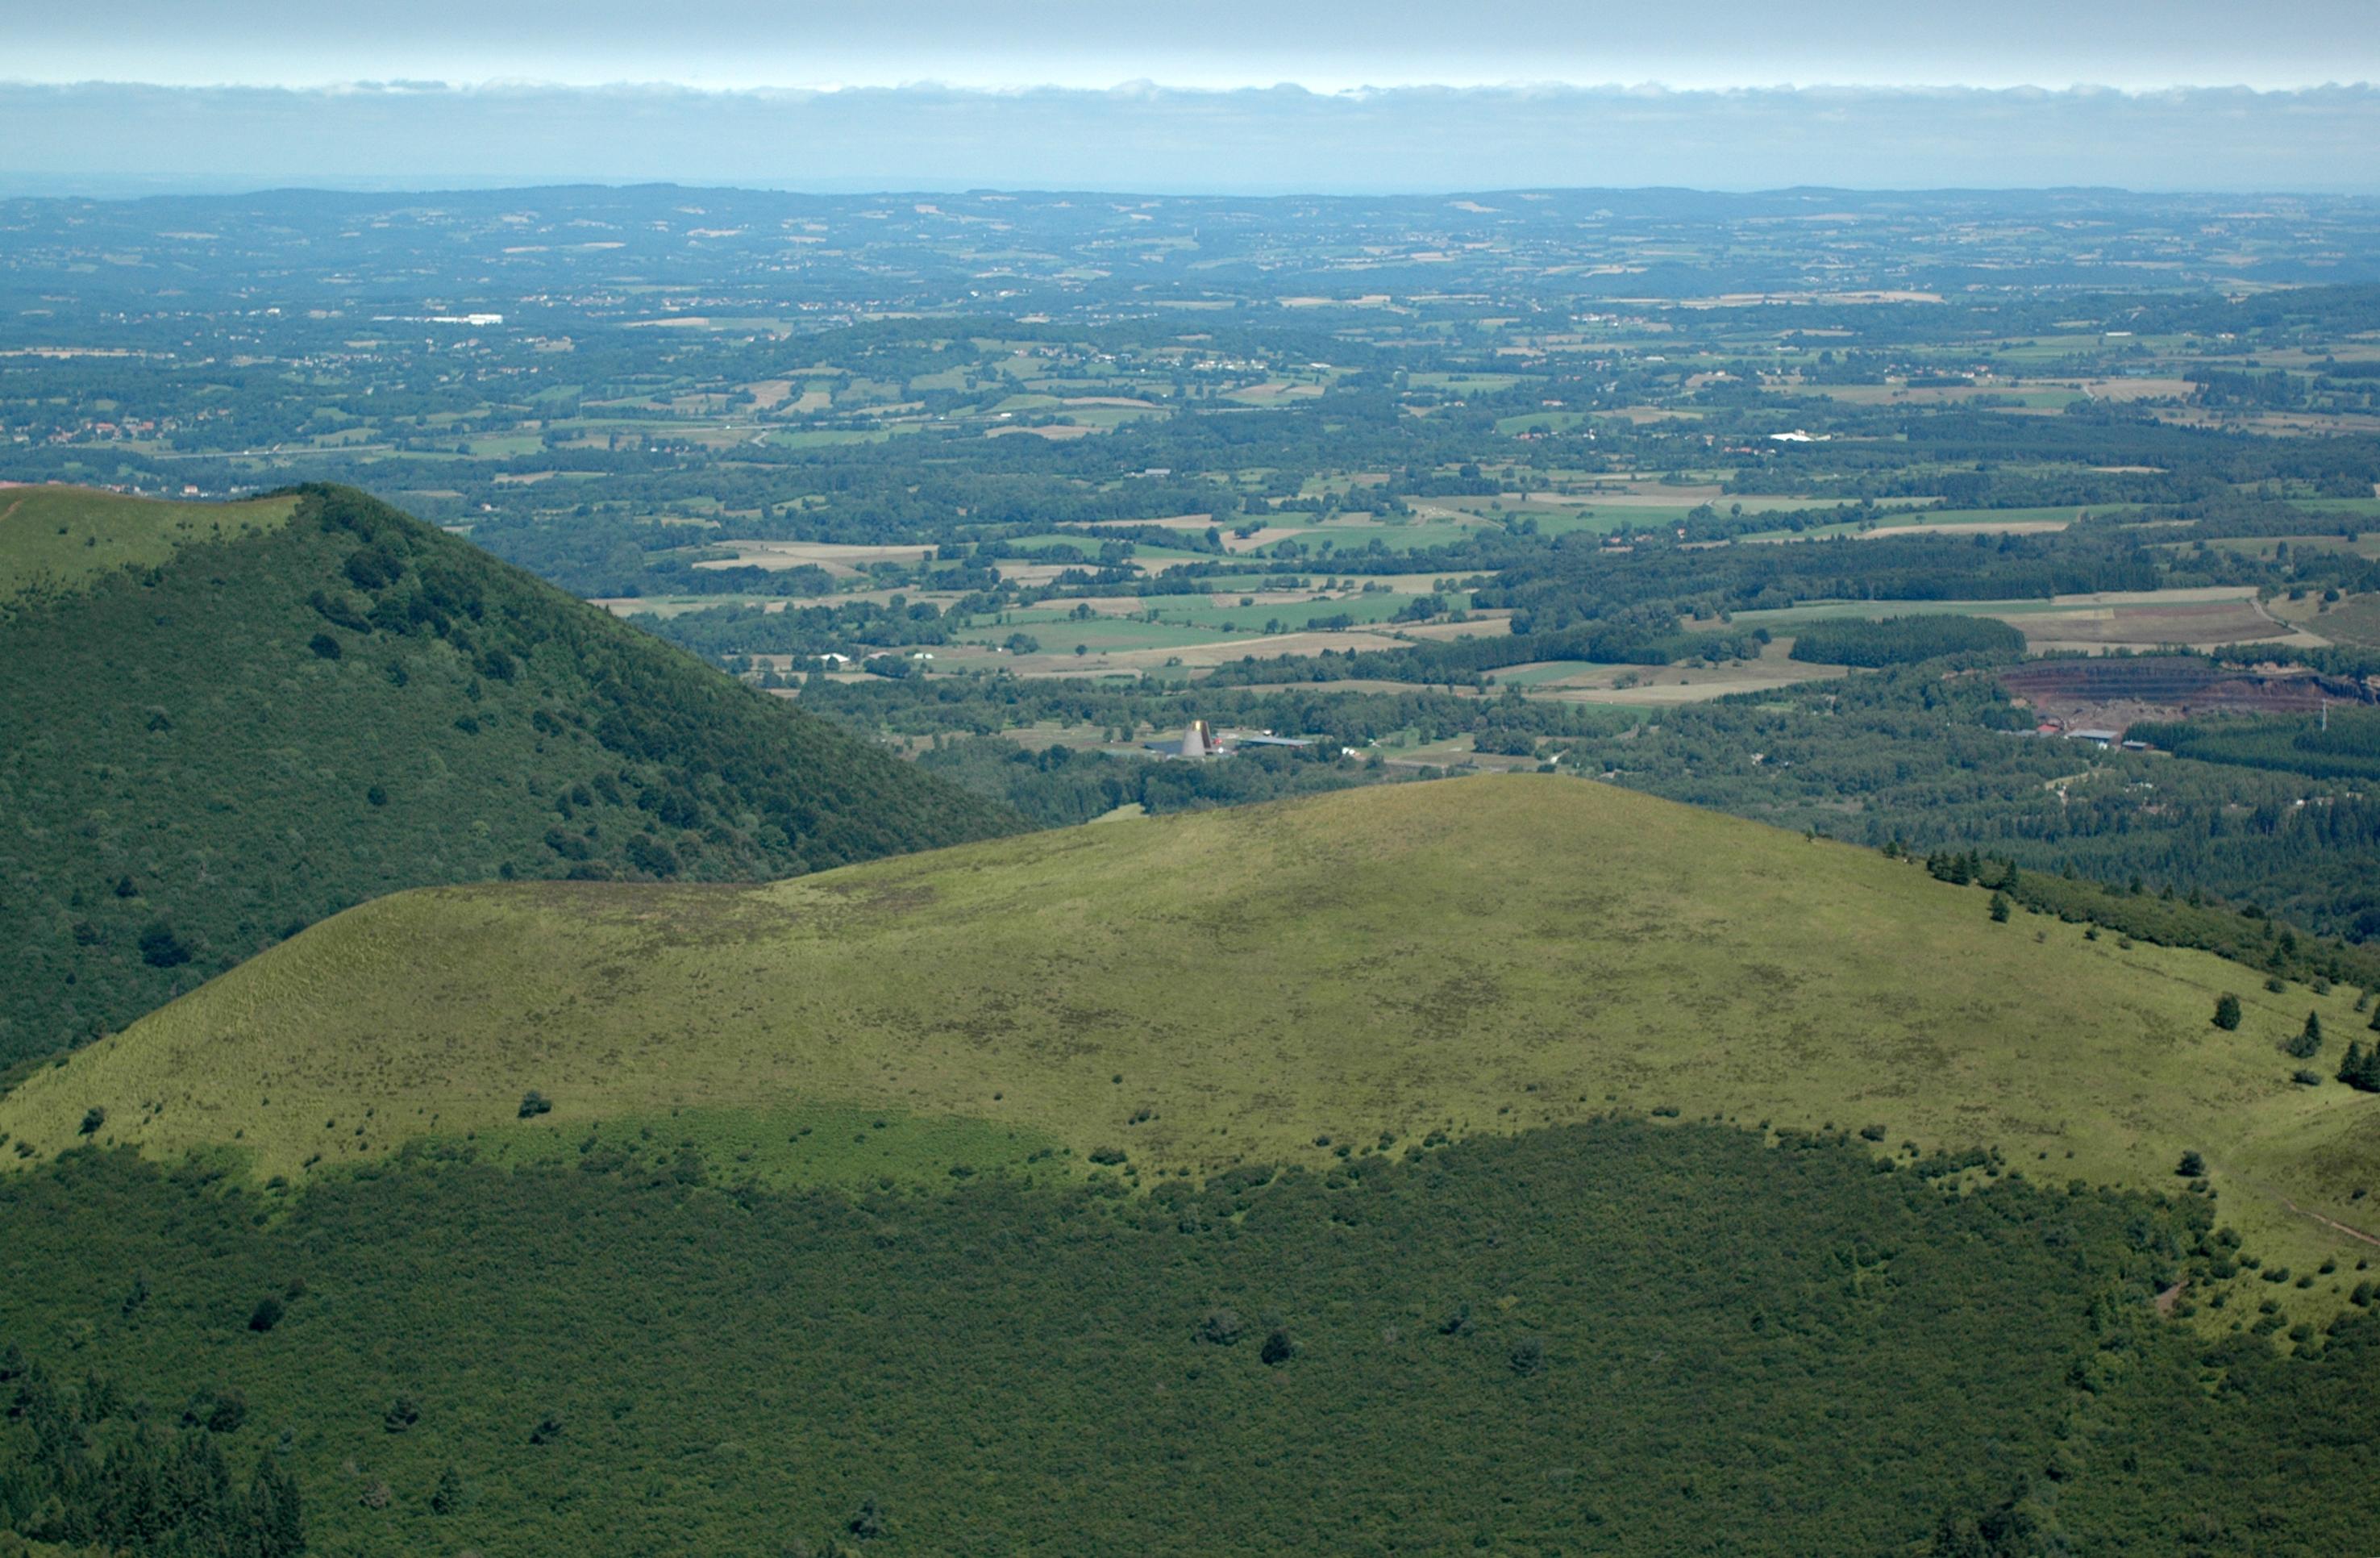 Le Puy De Lemptgy En Auvergne Avec Vulcania Cliquer Pour Agrandir Limage